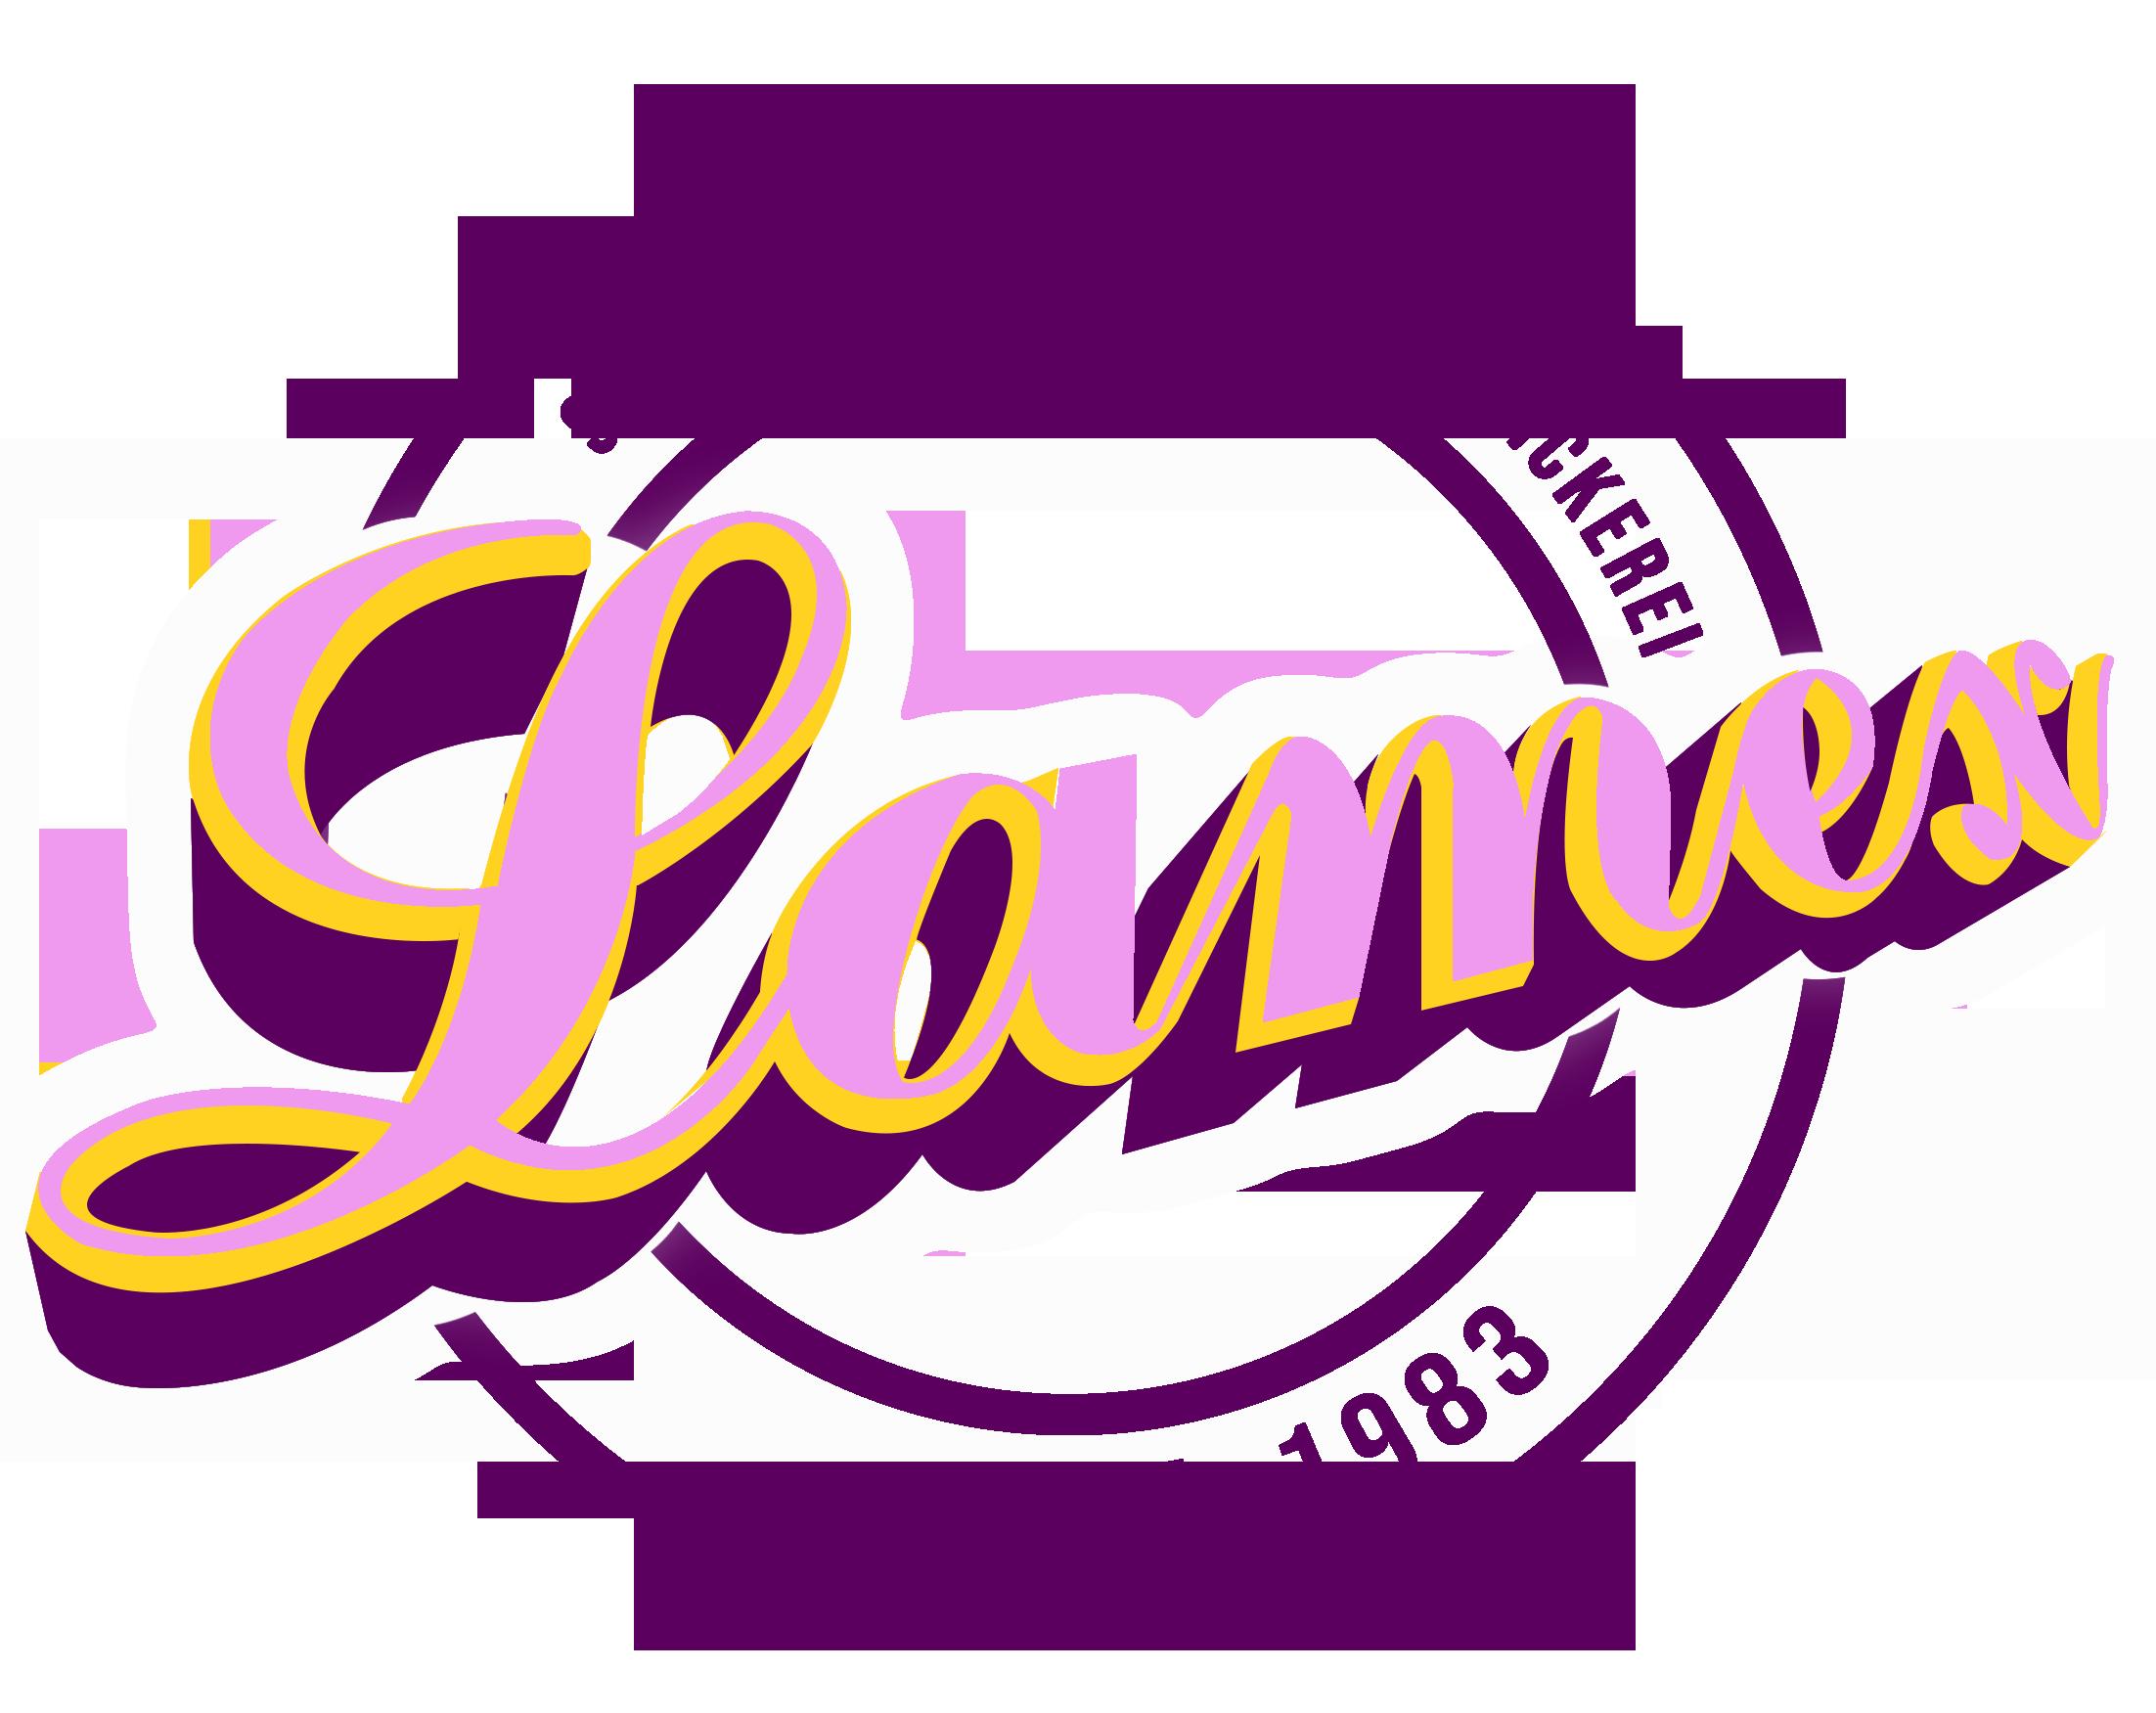 Obrt Lamex